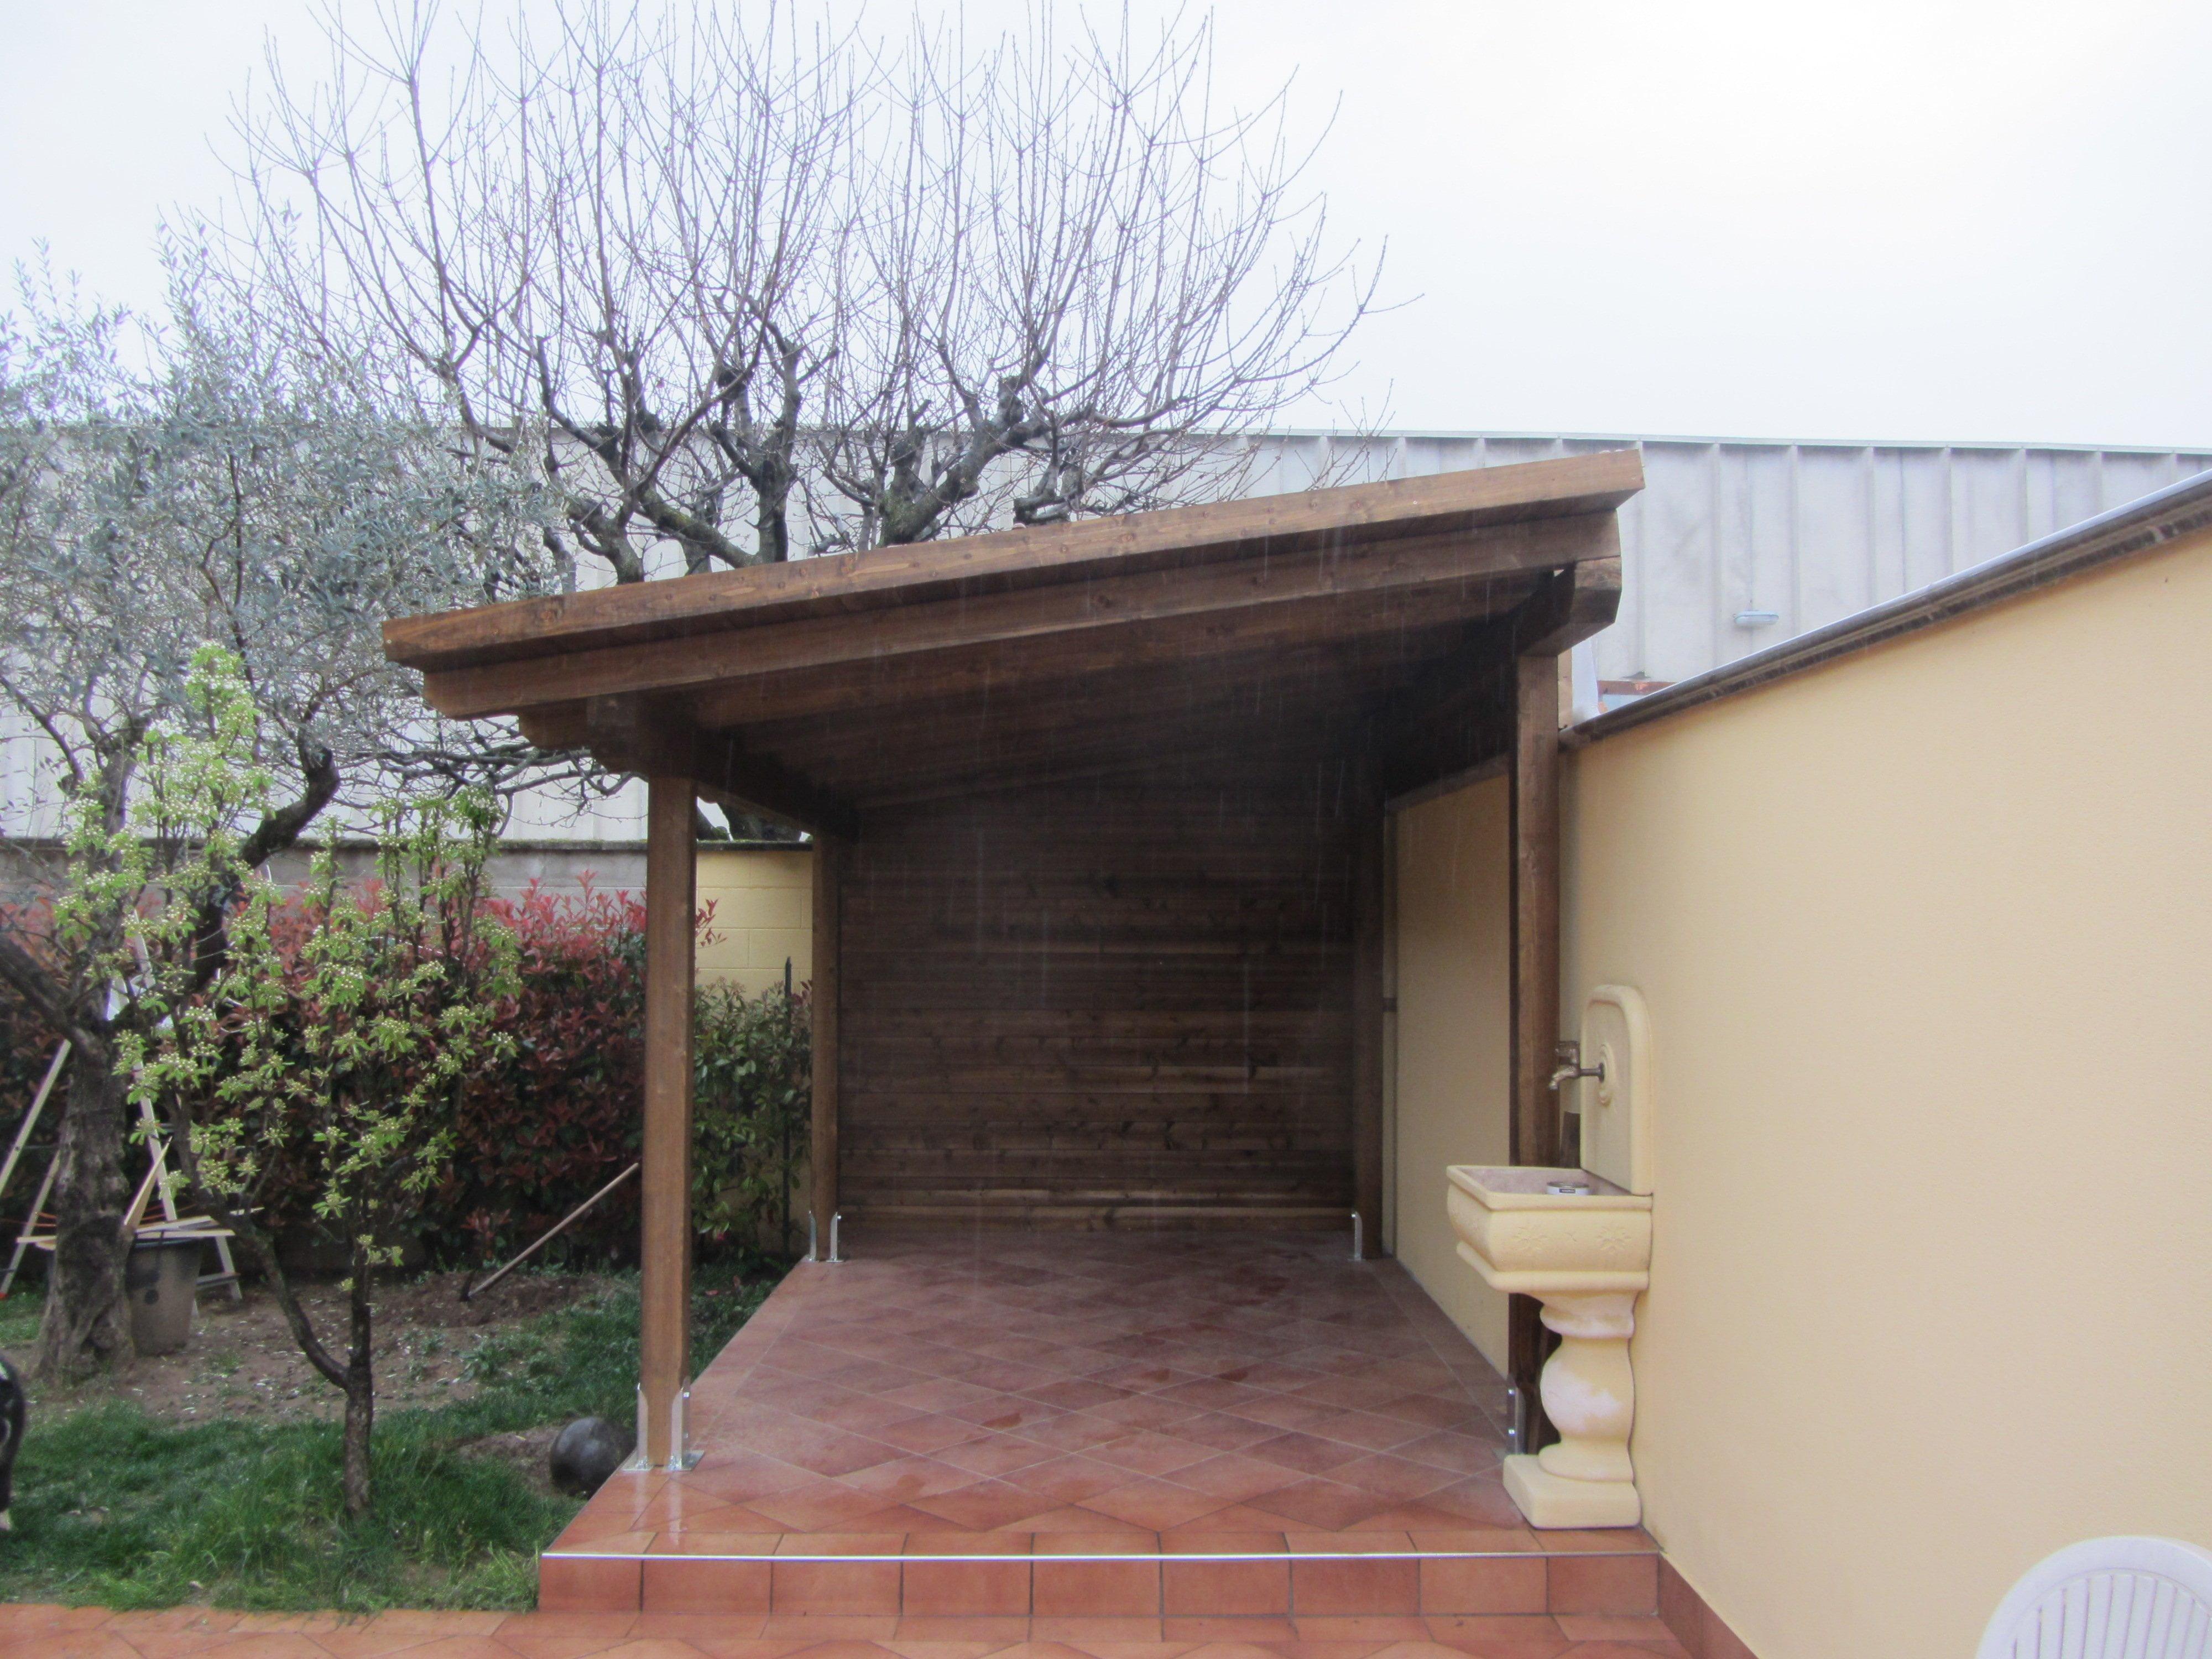 Tettoia in legno per esterno biassono cereda legnami - Tettoie in legno per esterno ...